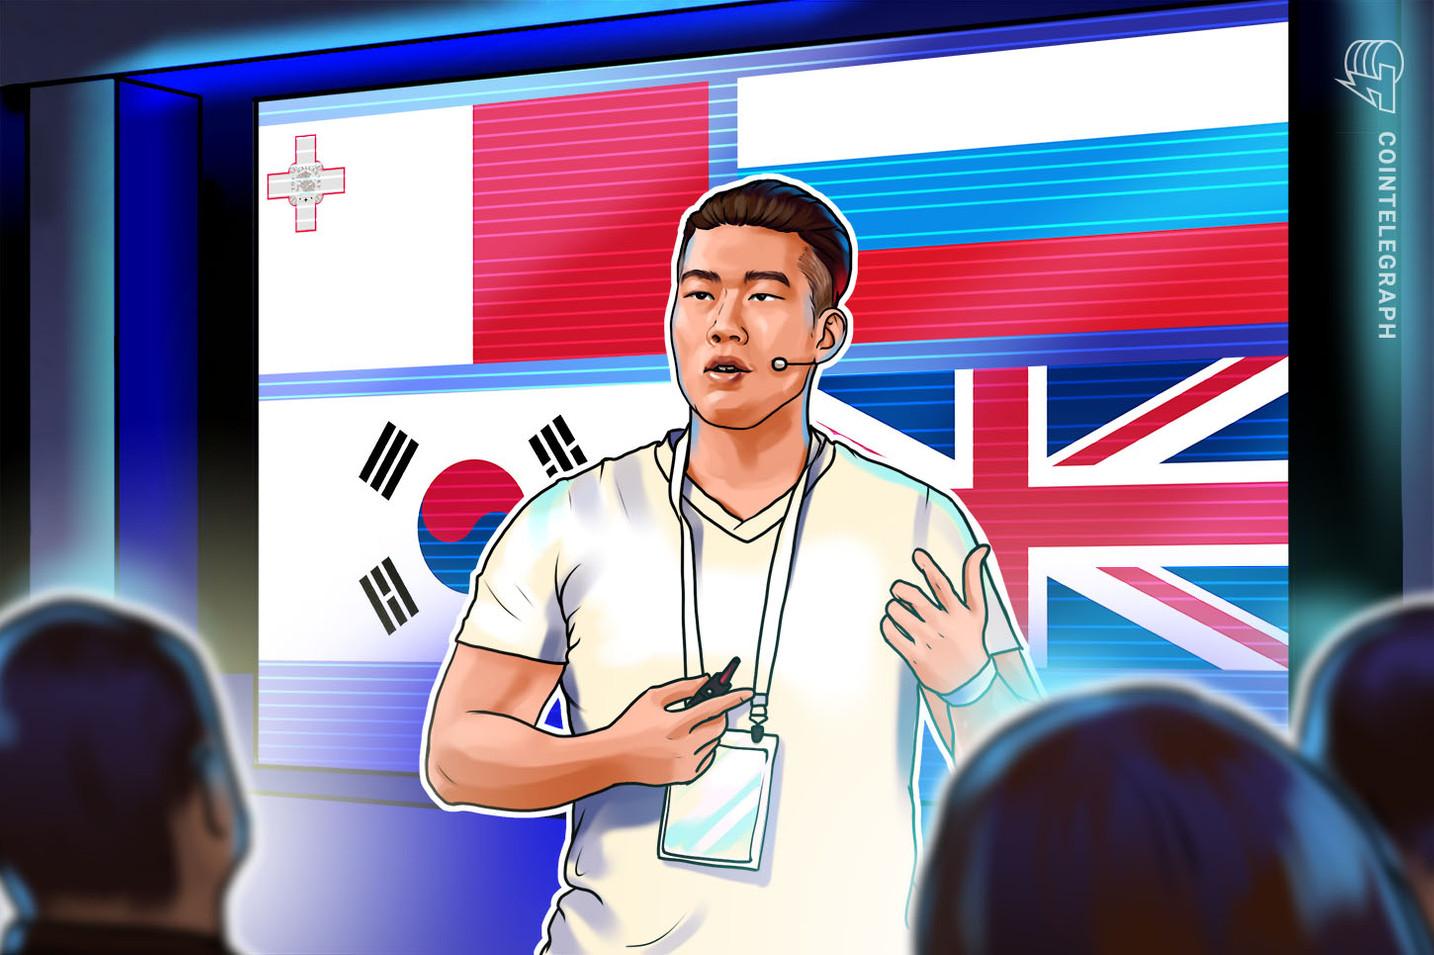 海外カンファレンスで見えてきた「アジアと欧州の違い」 Alre桂城氏インタビュー